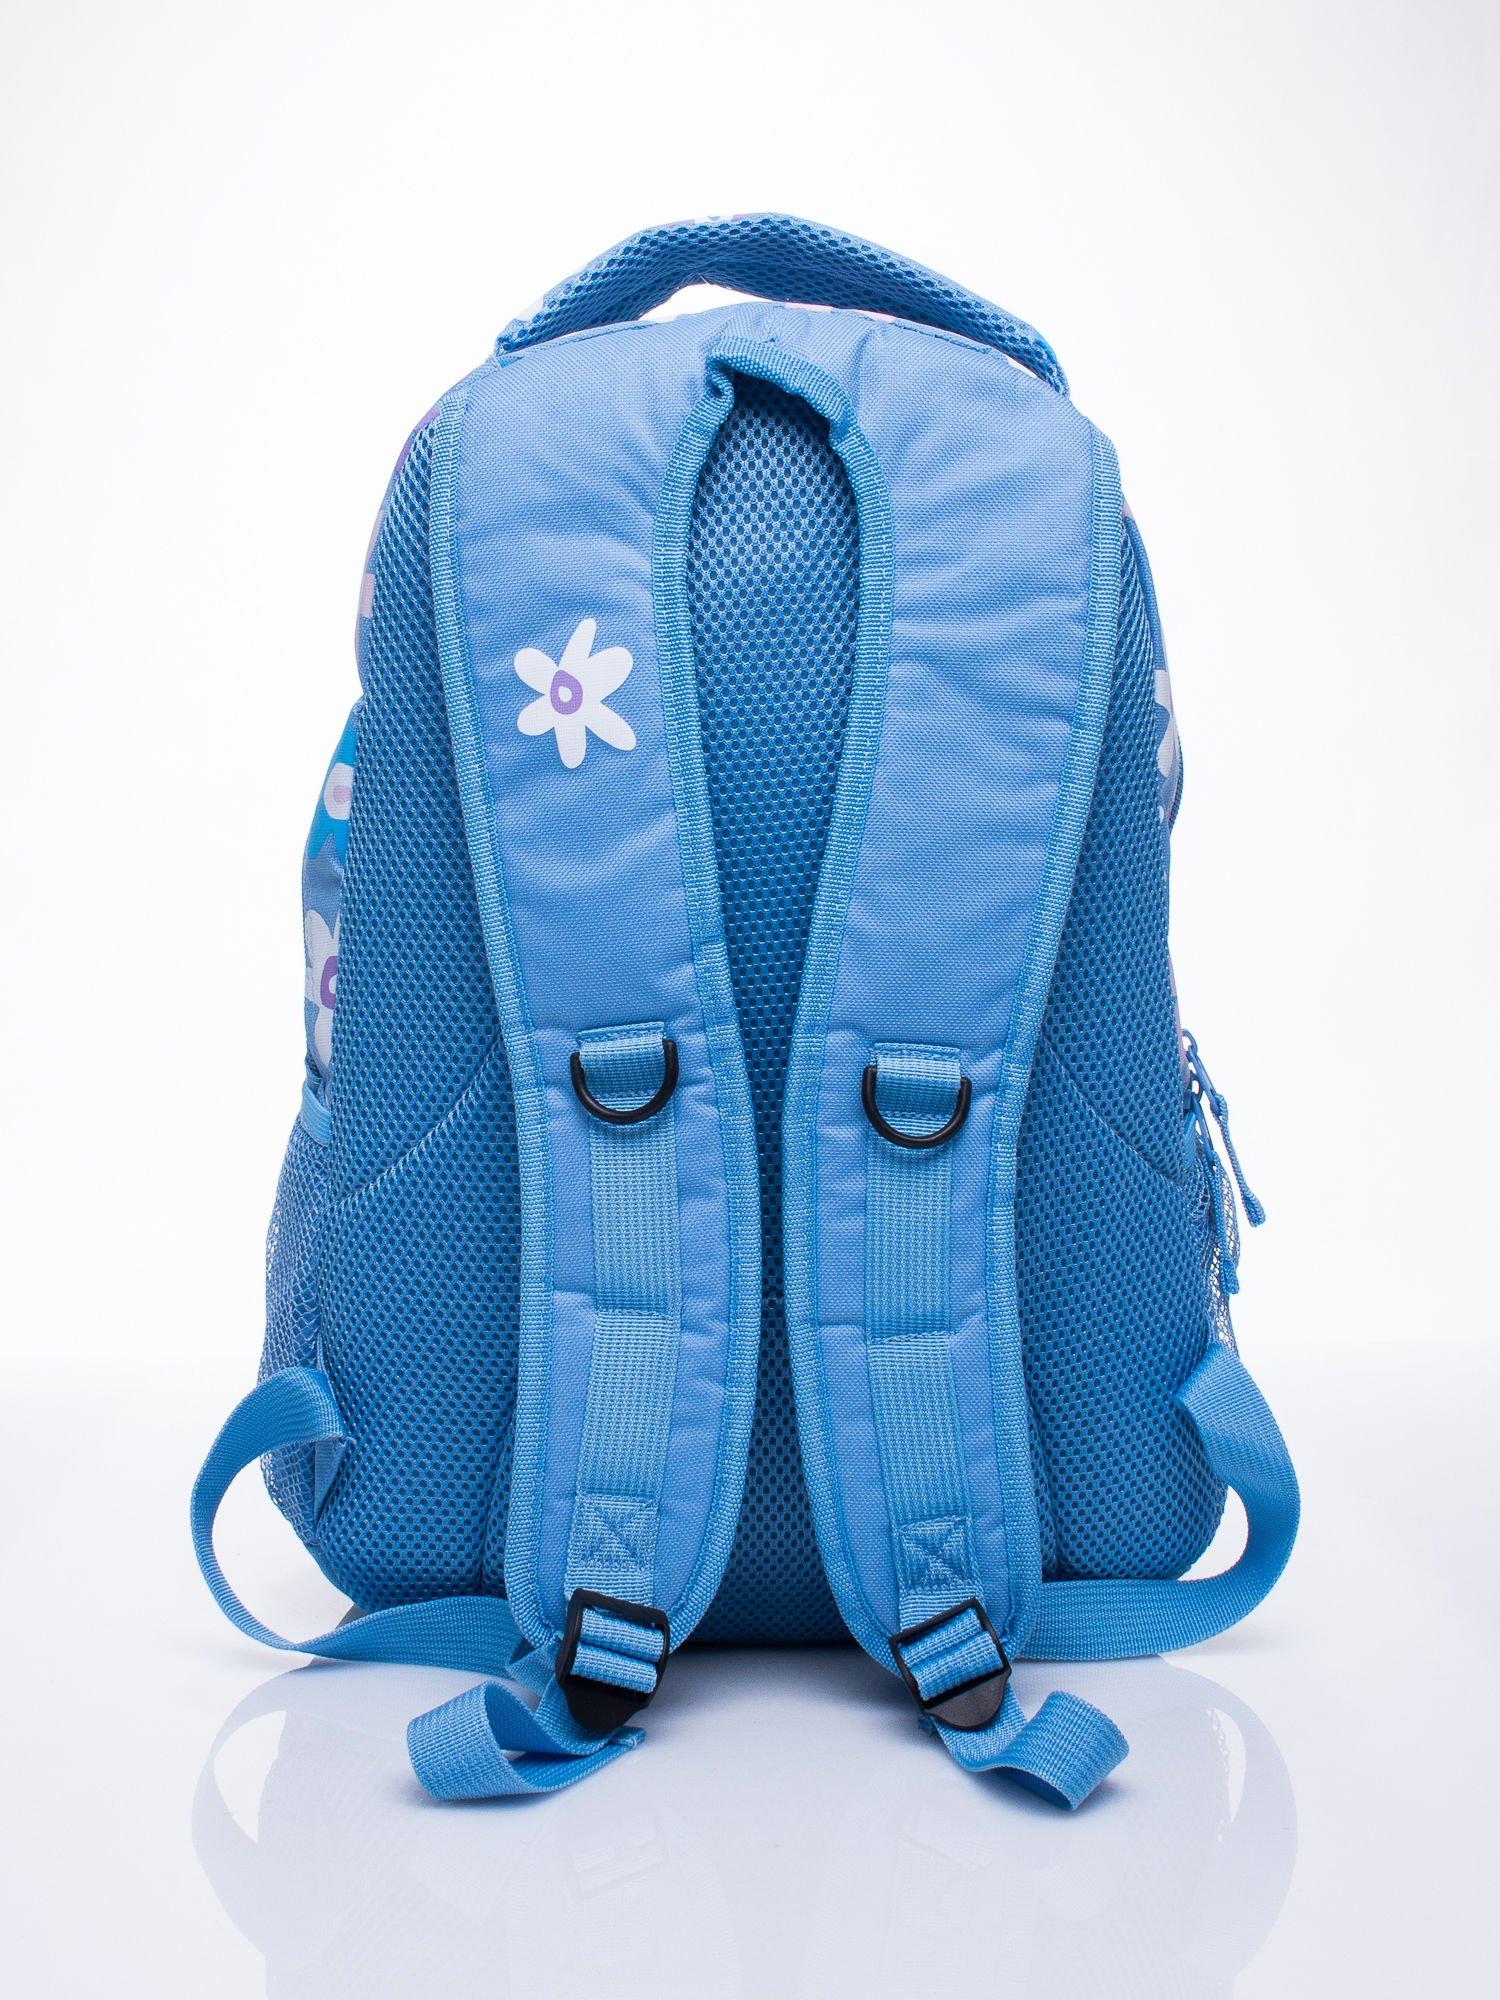 Niebieski plecak dla dziewczynki DISNEY w kwiatki                                  zdj.                                  3